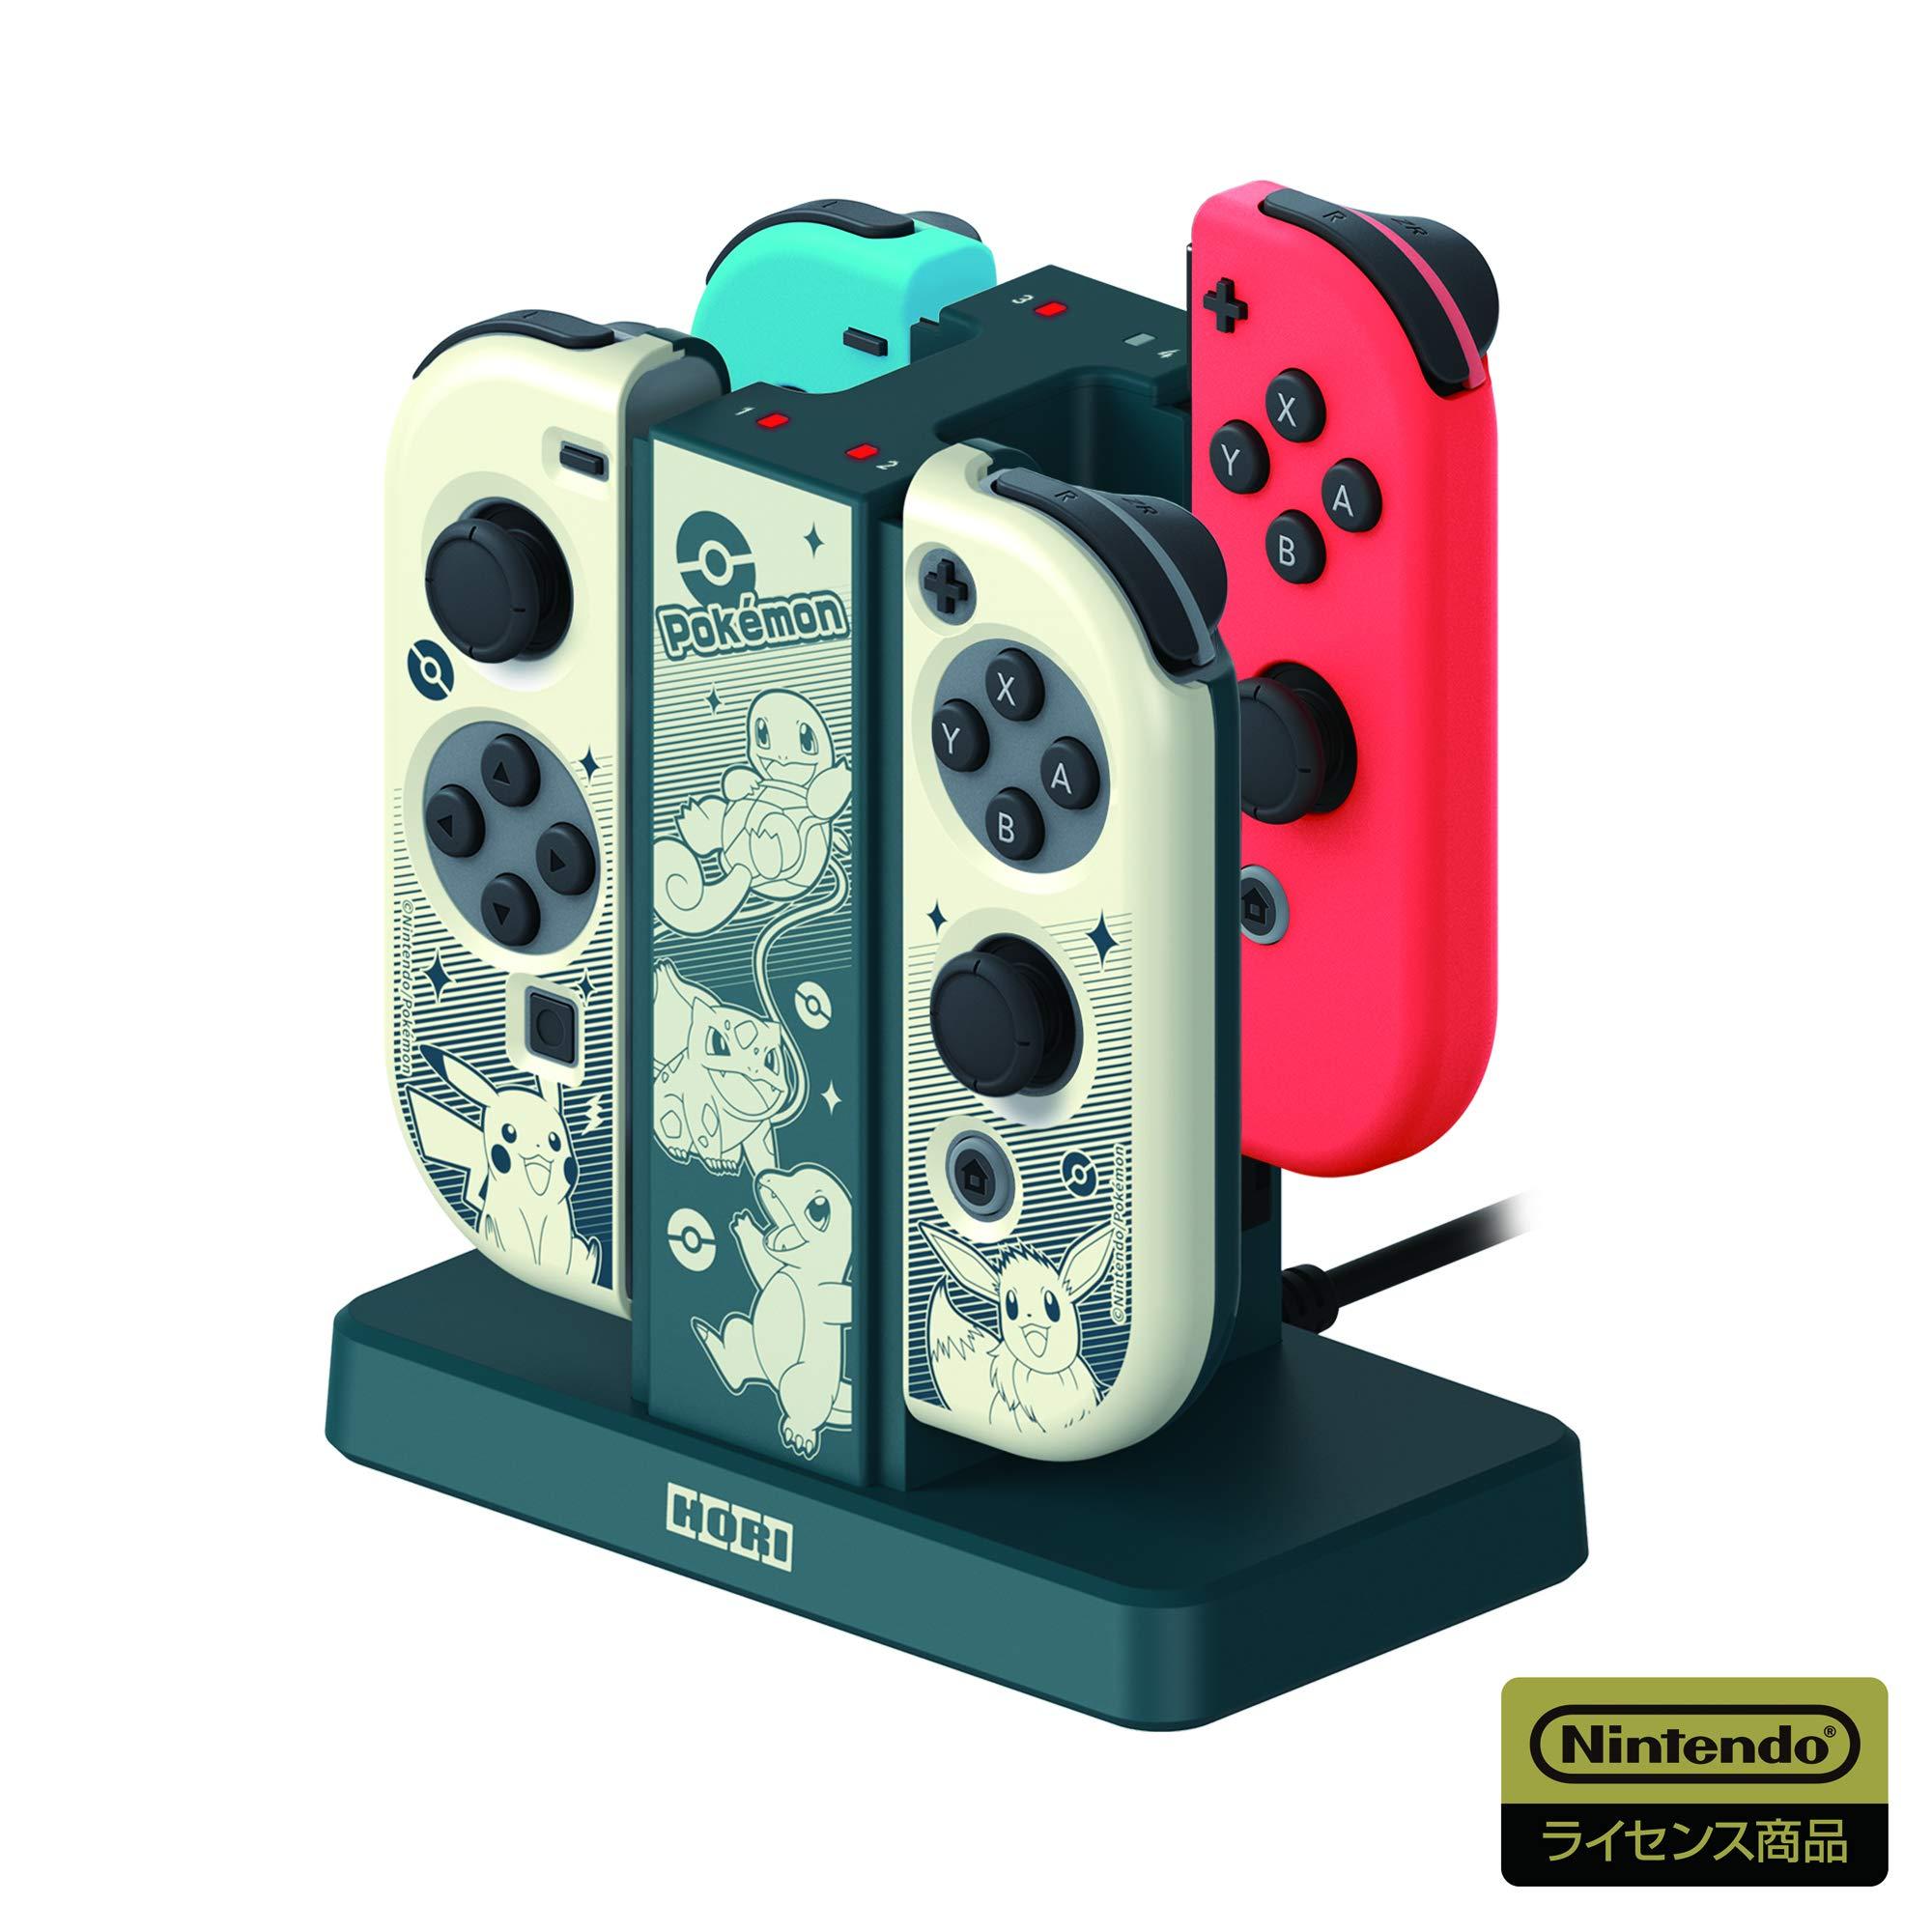 セットすると可愛い1枚のイラストに!「ポケットモンスター Joy-Con充電スタンド+PCハードカバーセット for Nintendo Switch」【2021年4月発売!】